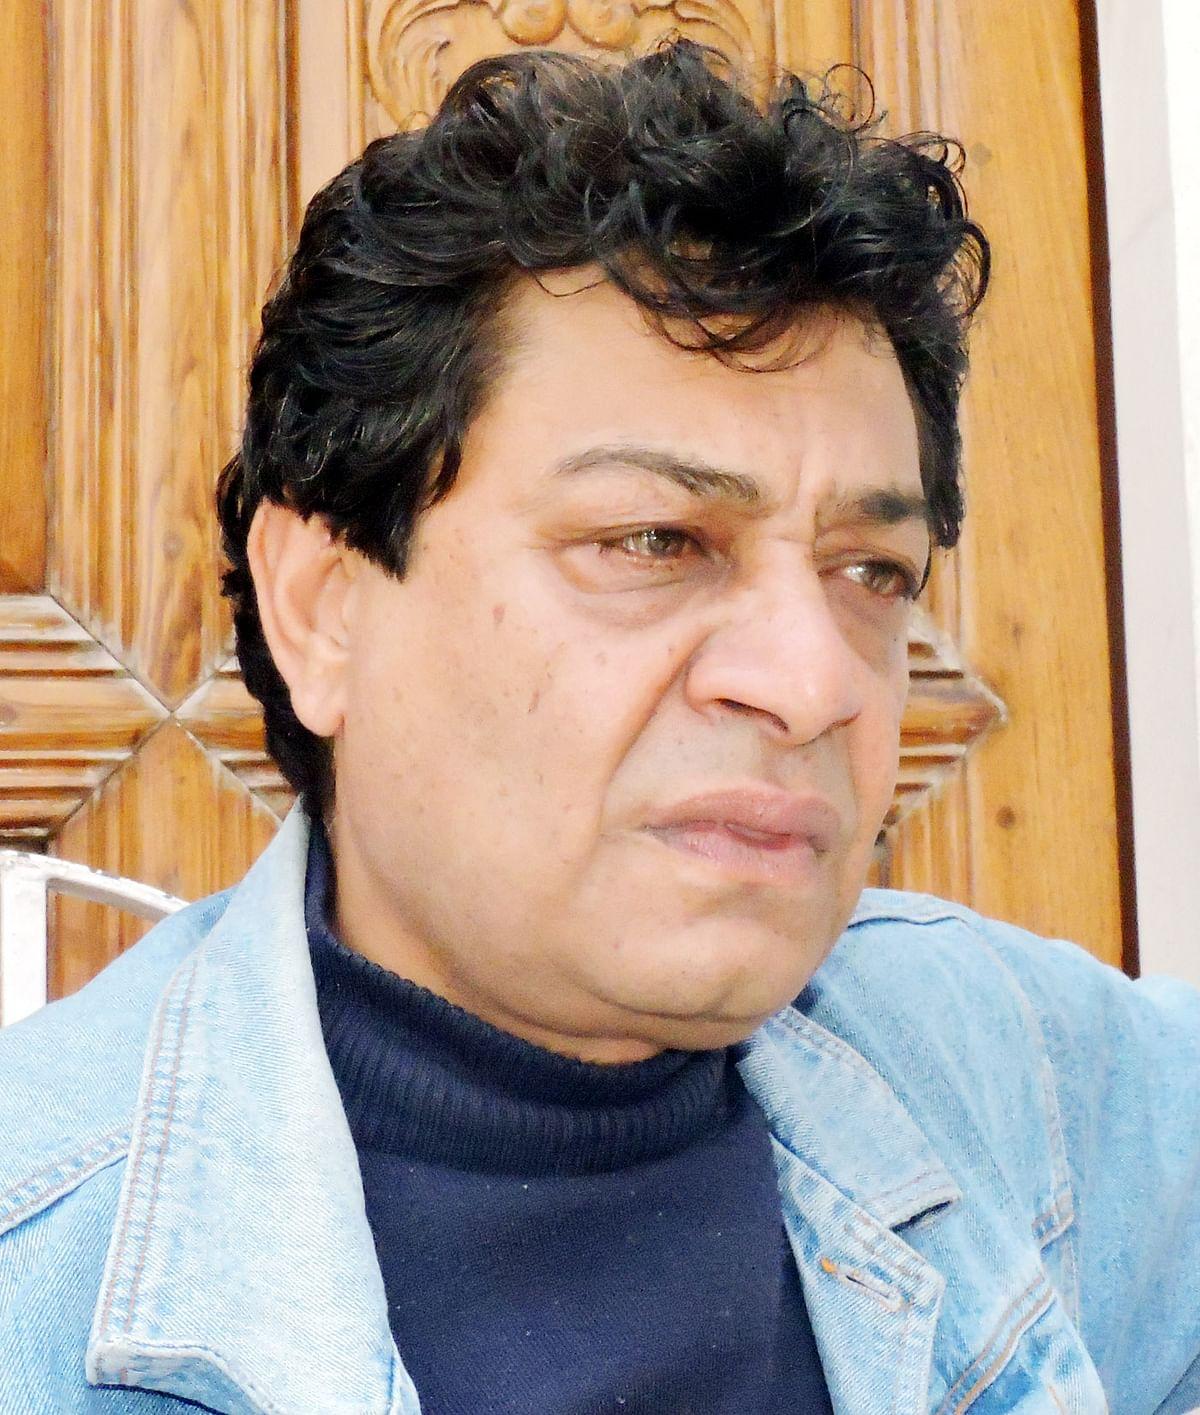 उत्तराखंड में 'उत्तरावुड' स्थापित करने के लिए मुख्यमंत्री को भेजा खुला पत्र